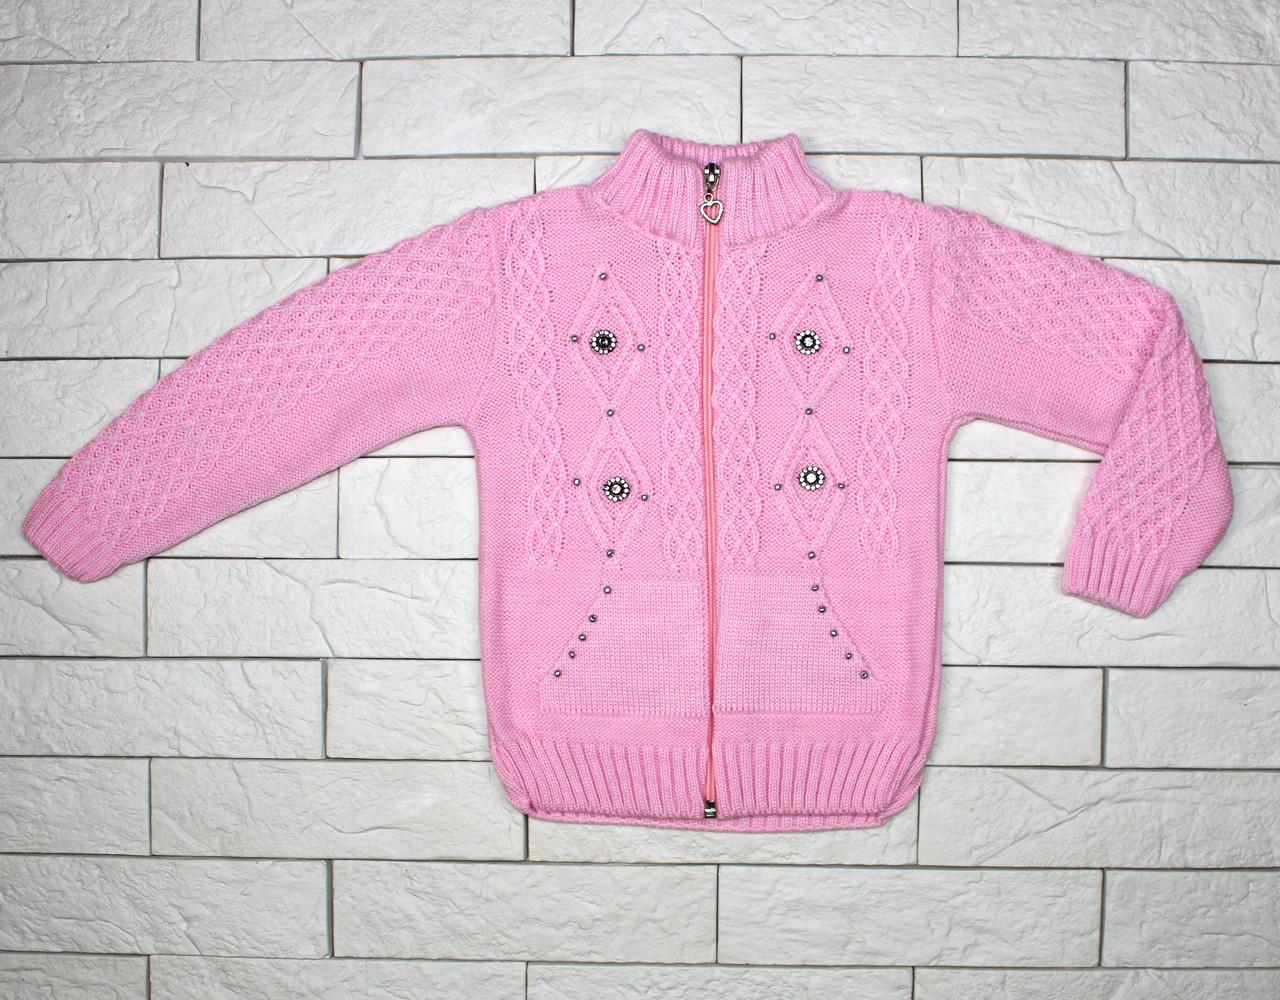 Теплая розовая кофта вязаная на молнии для девочки